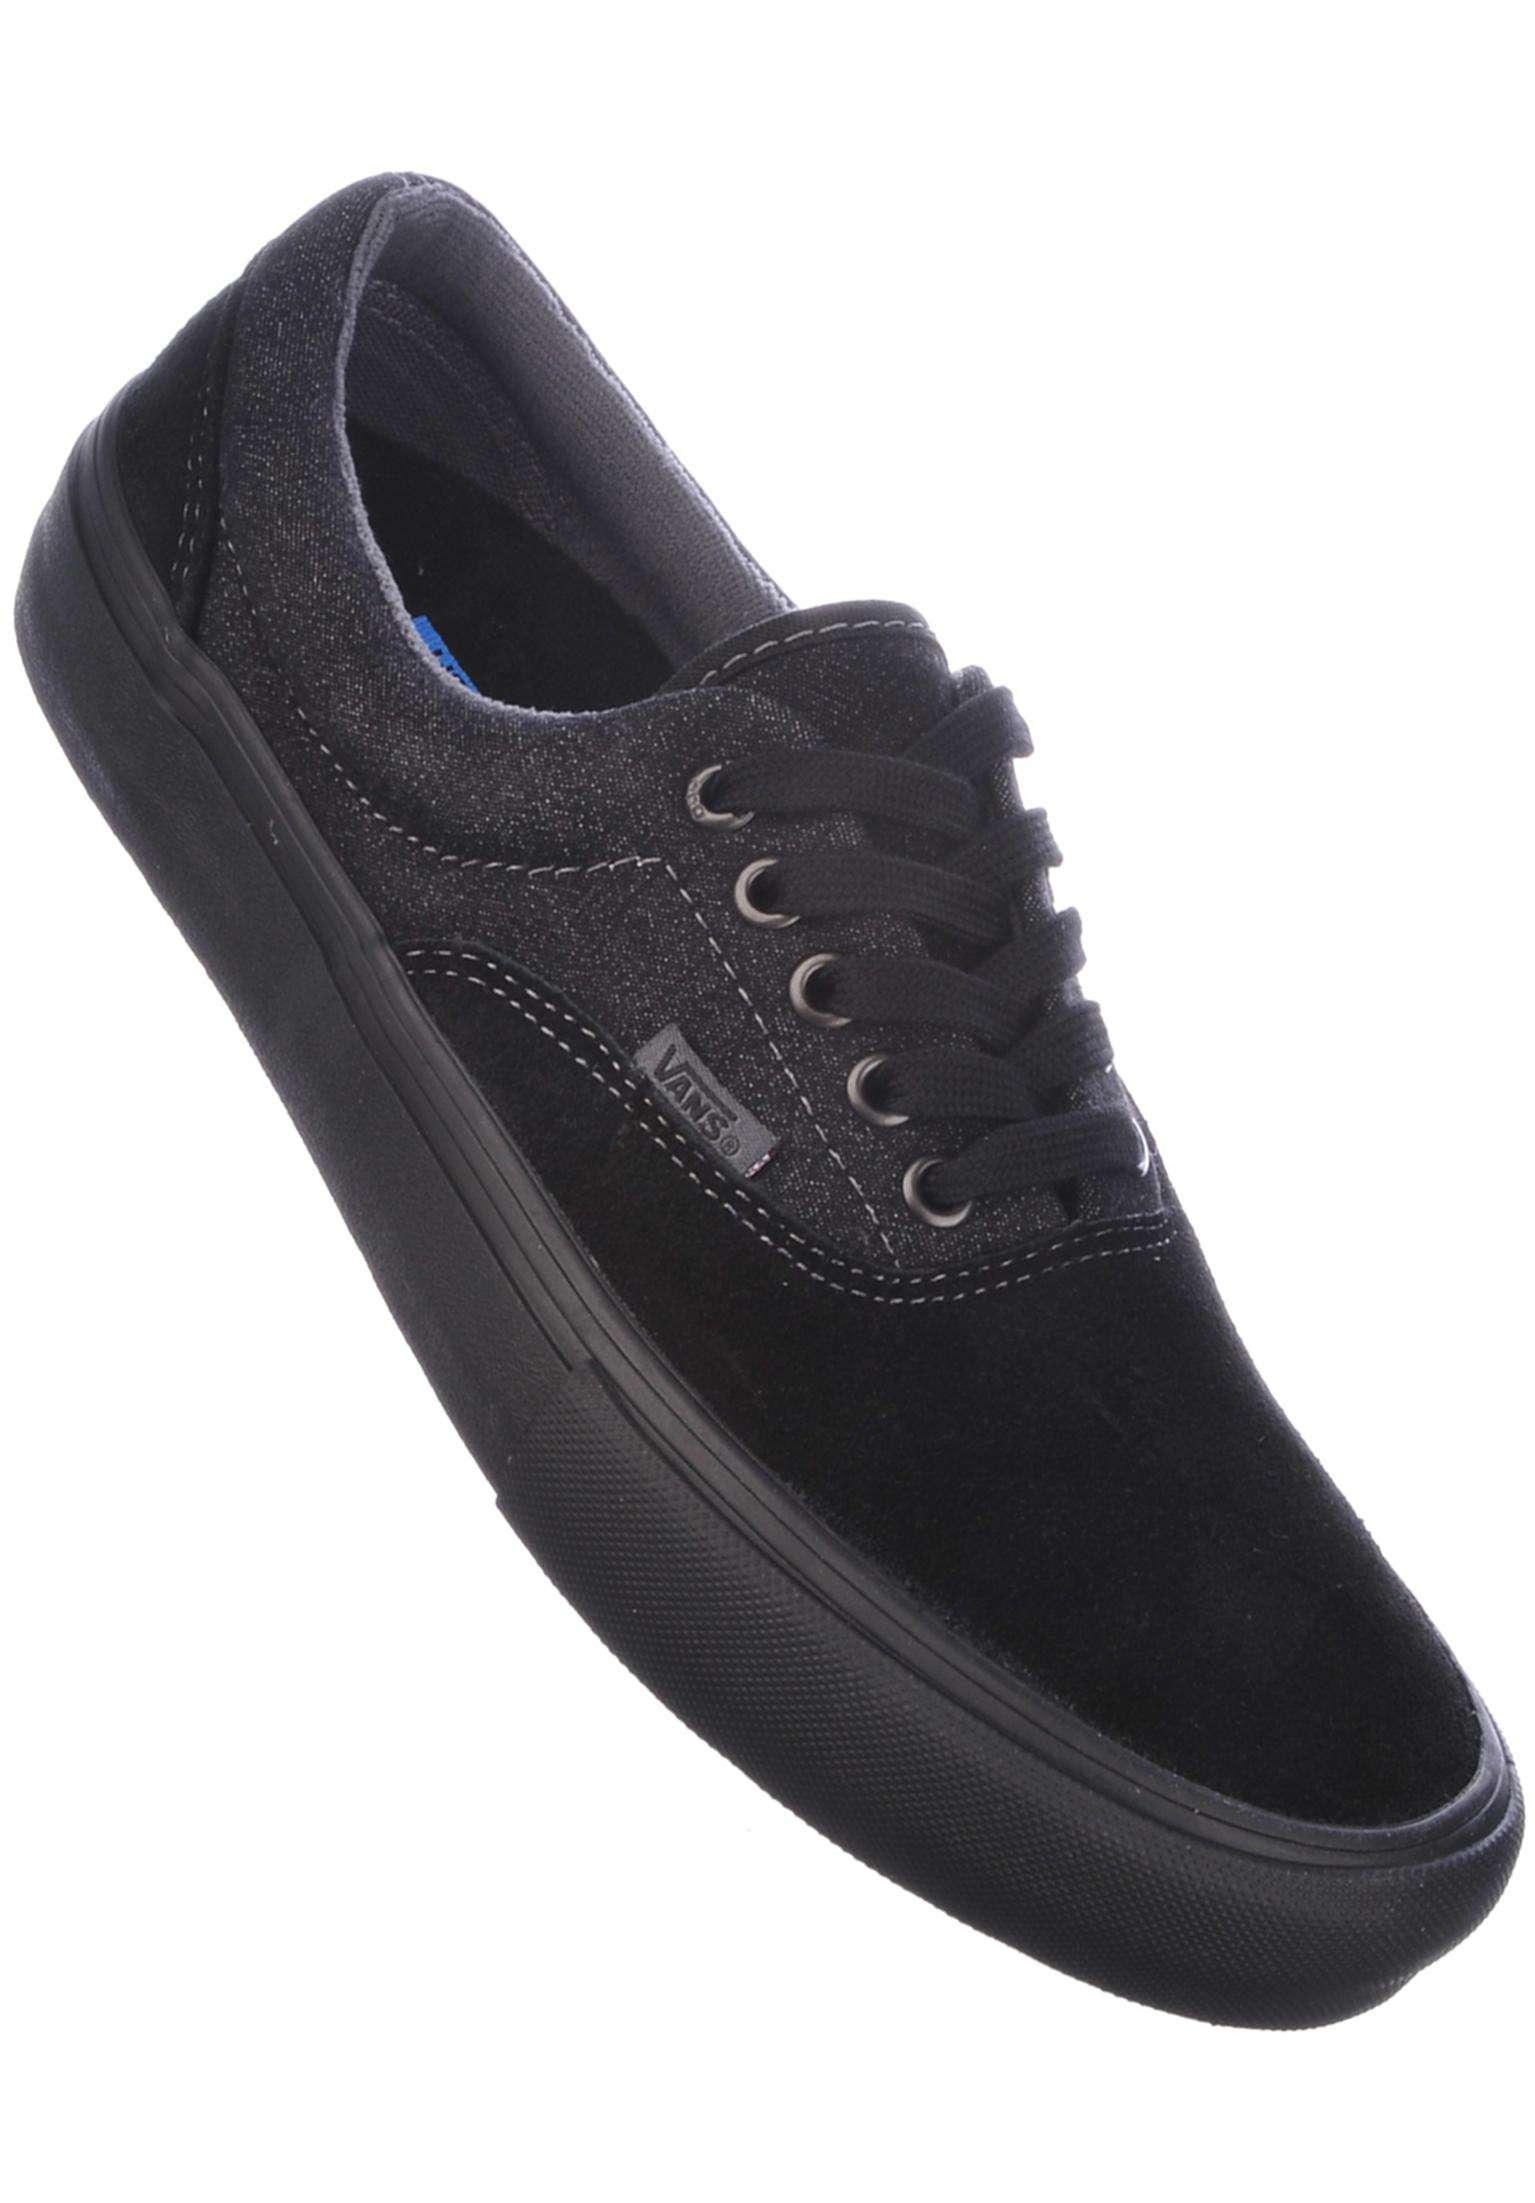 92aea9e9b123 Era Pro Vans All Shoes in black-black-asphalt for Men